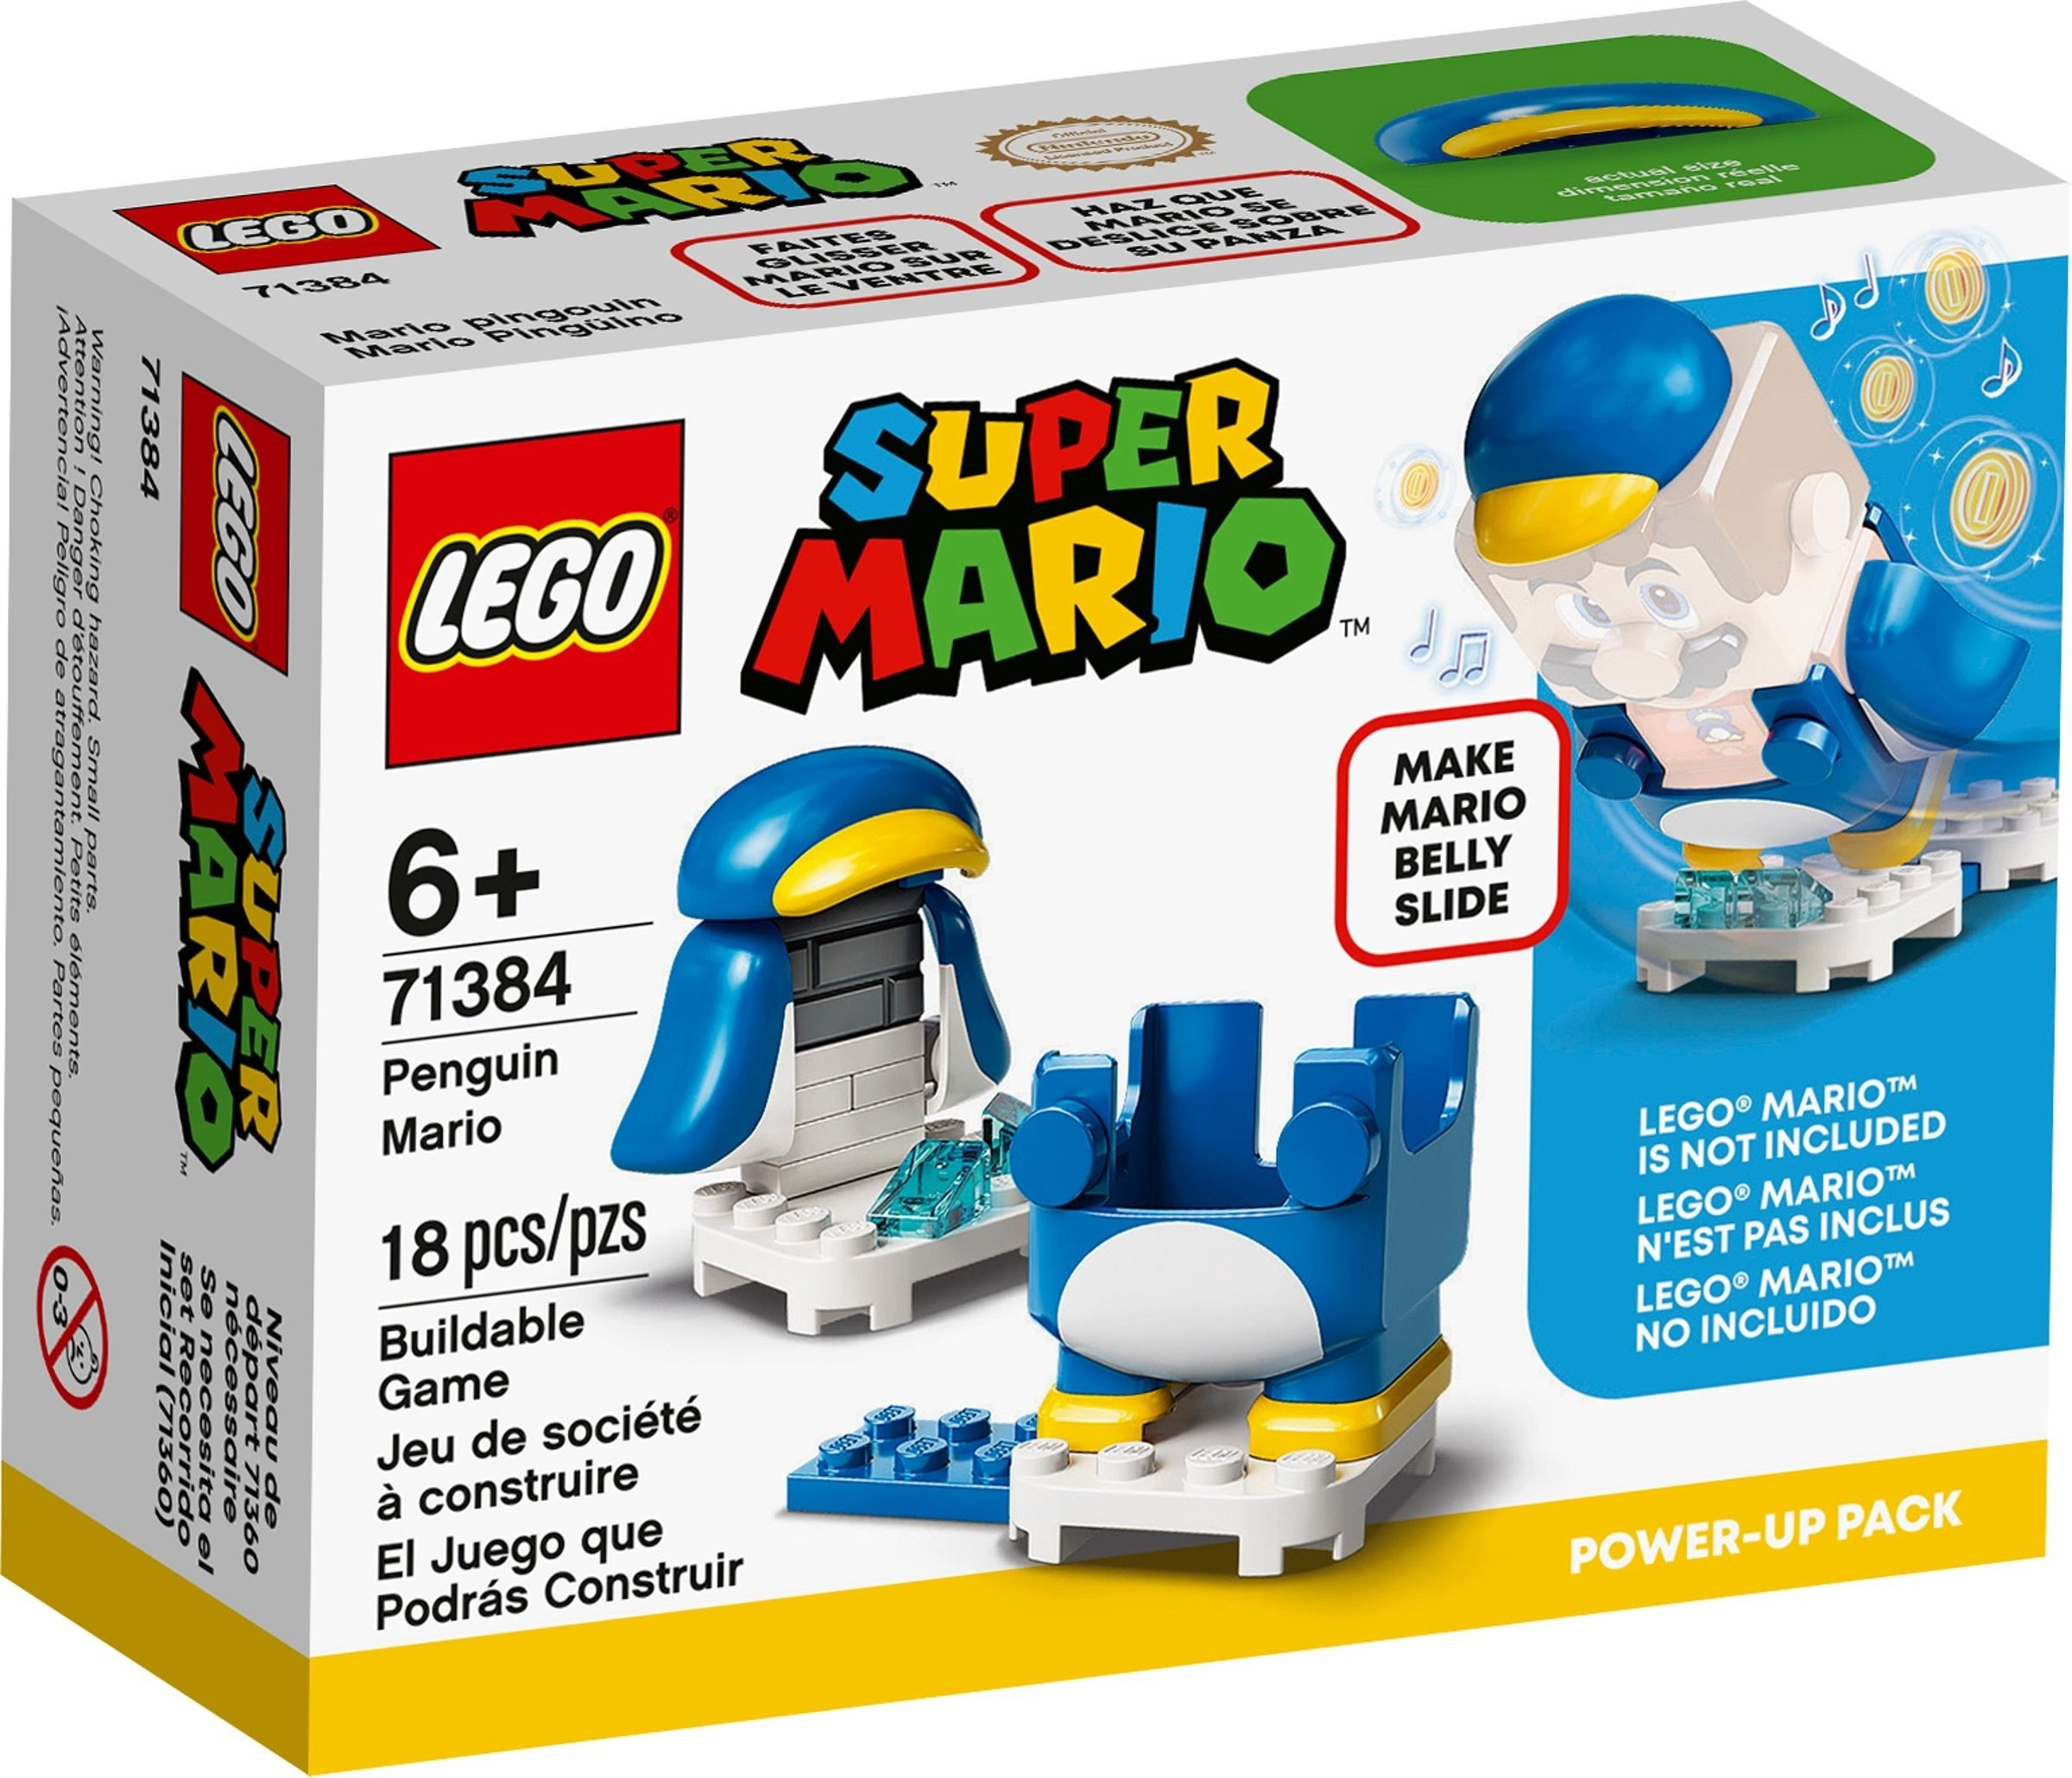 LEGO Super Mario - Penguin Mario Power-Up Pack (71384)